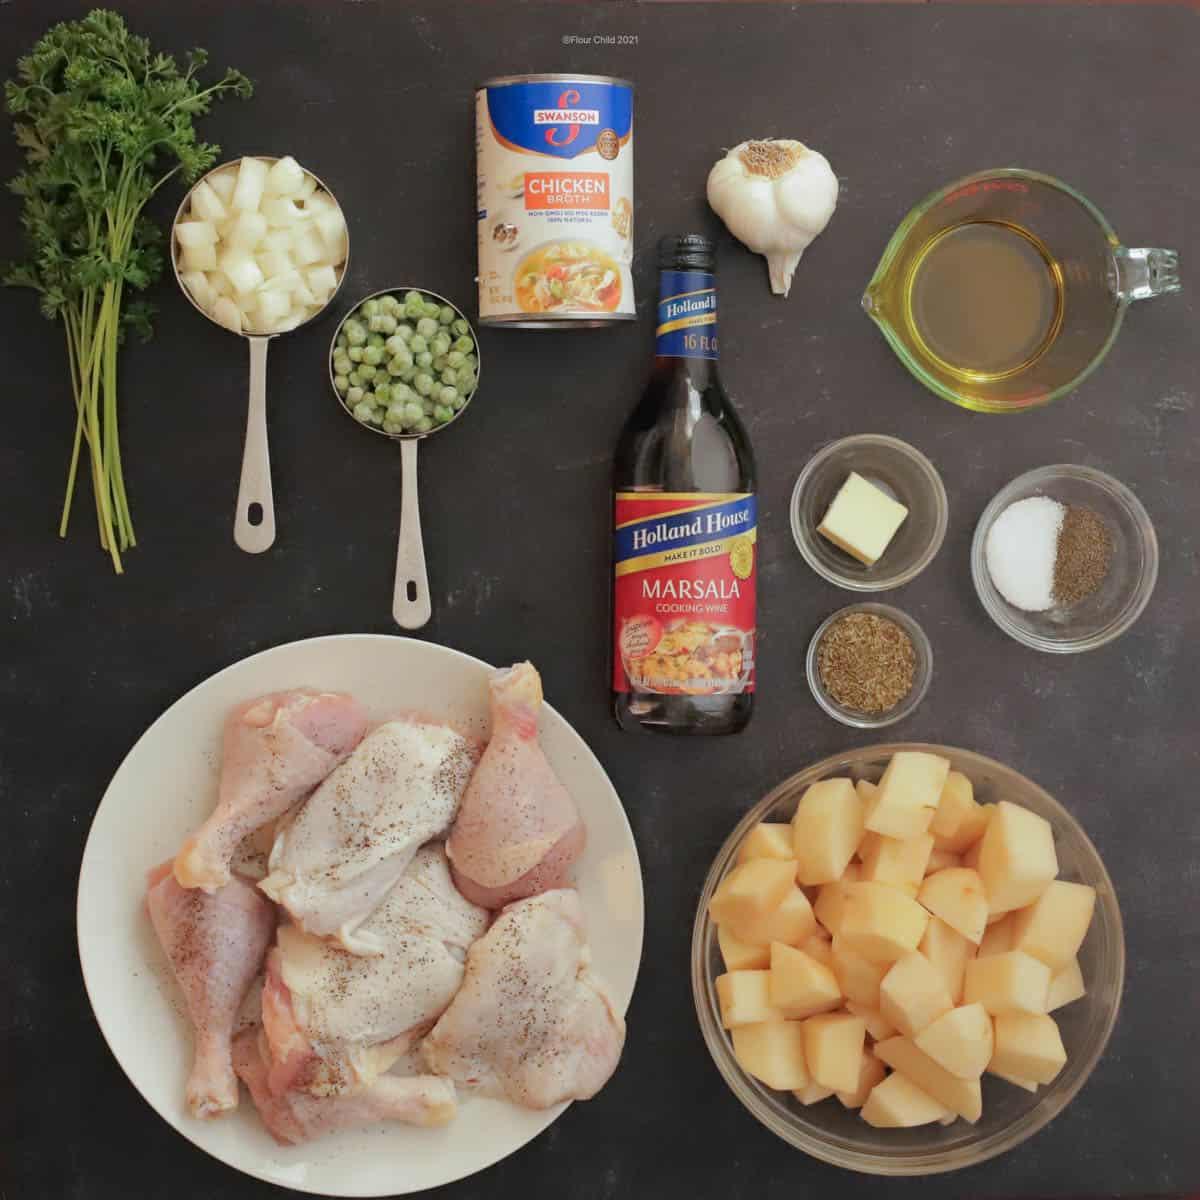 Chicken vesuvio ingredients